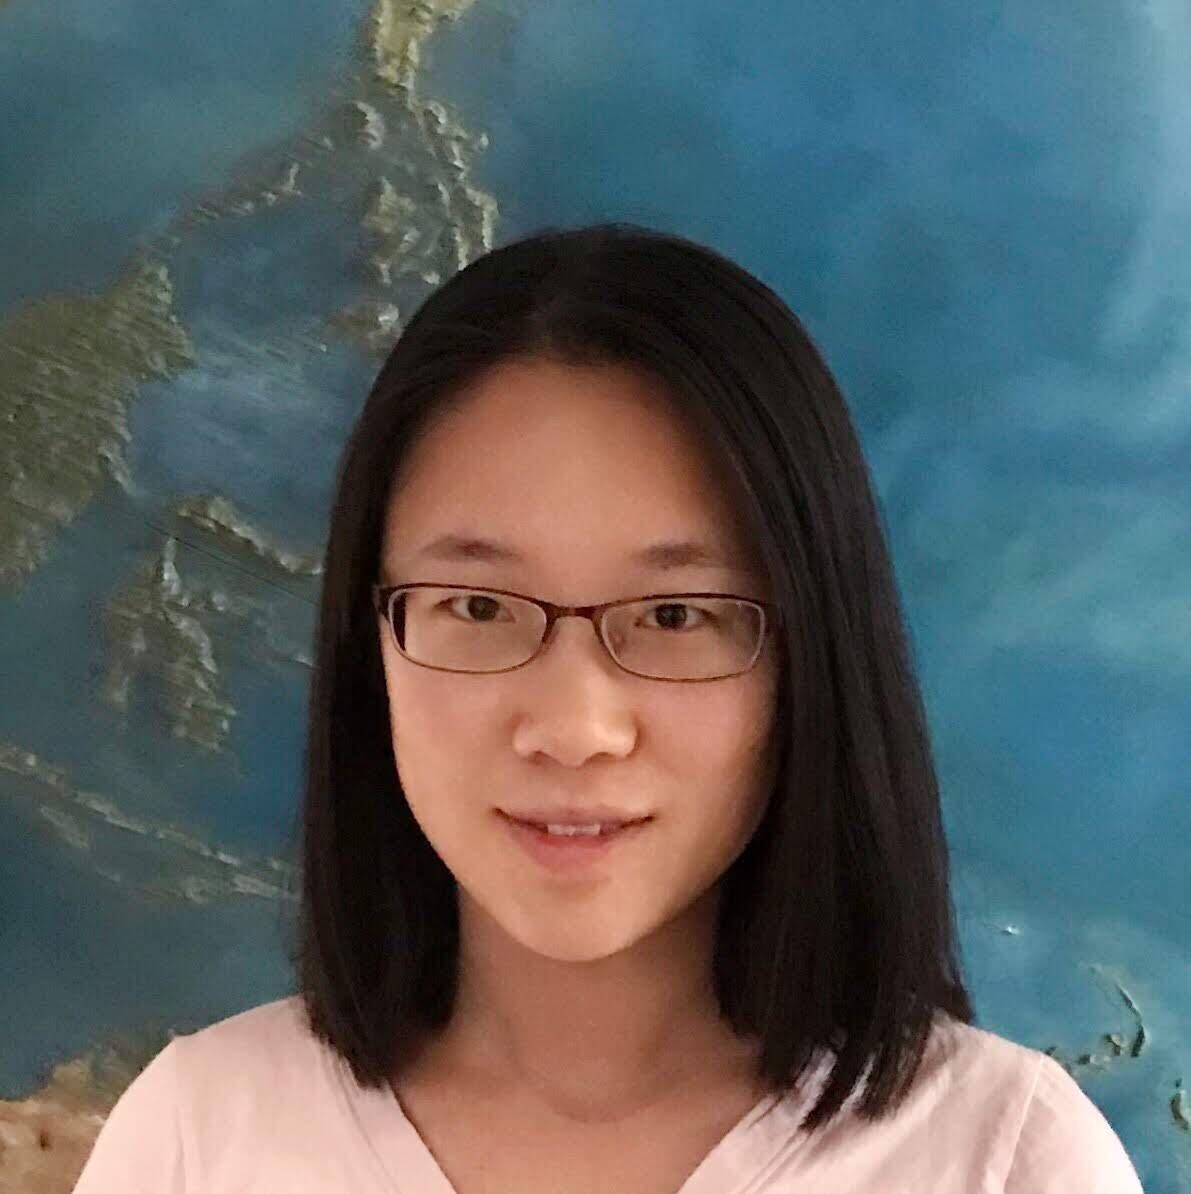 Zhaoyi Shen